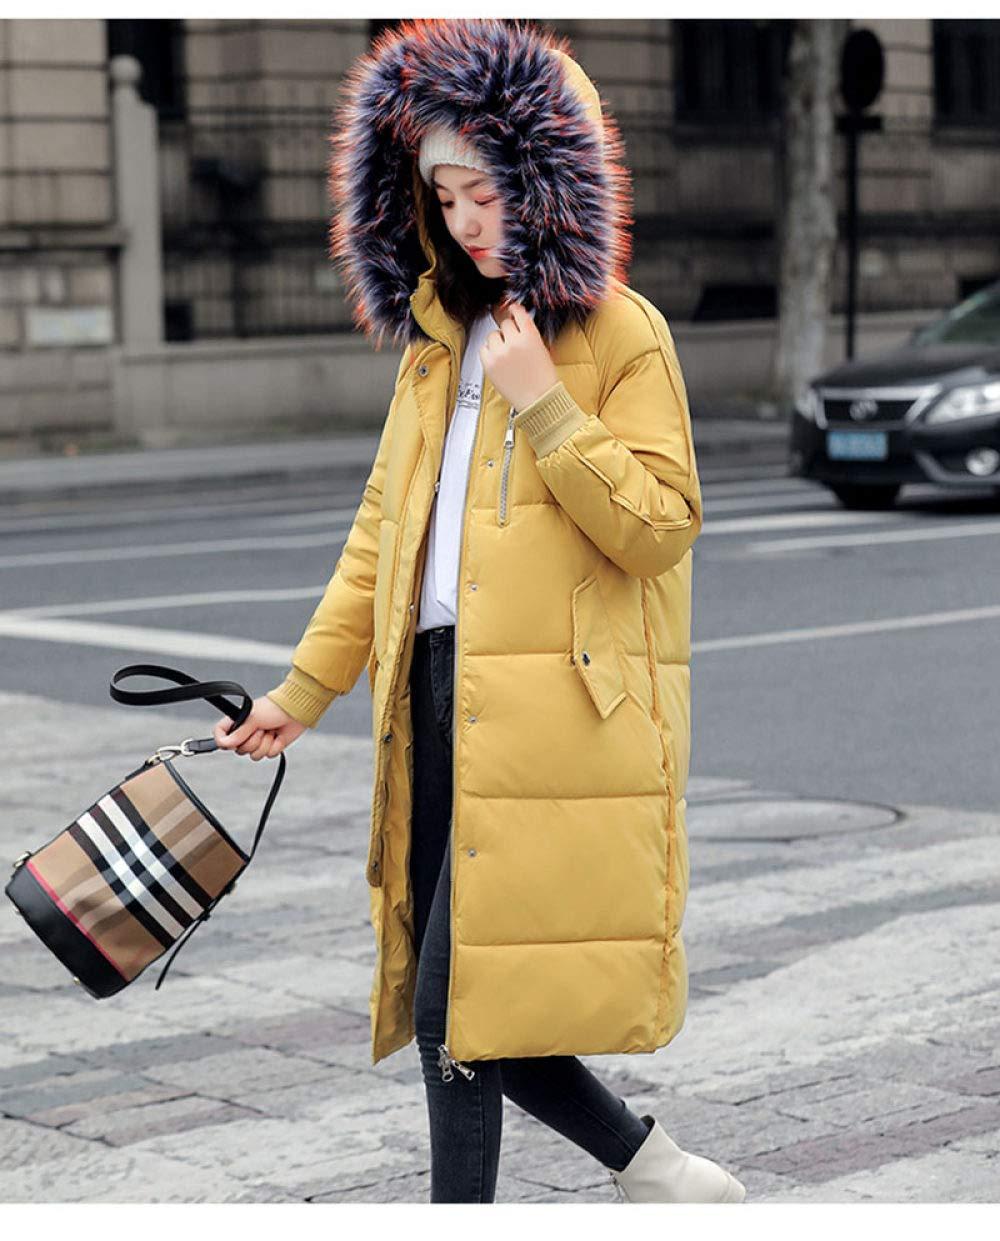 KTUCN Doudoune Manteau d'hiver Manteau 2020 Nouvelles Femmes Parkas à Capuchon col épais Section Longue Hiver Chaud Manteau de Neige Manteau Veste -30 degrés Jaune